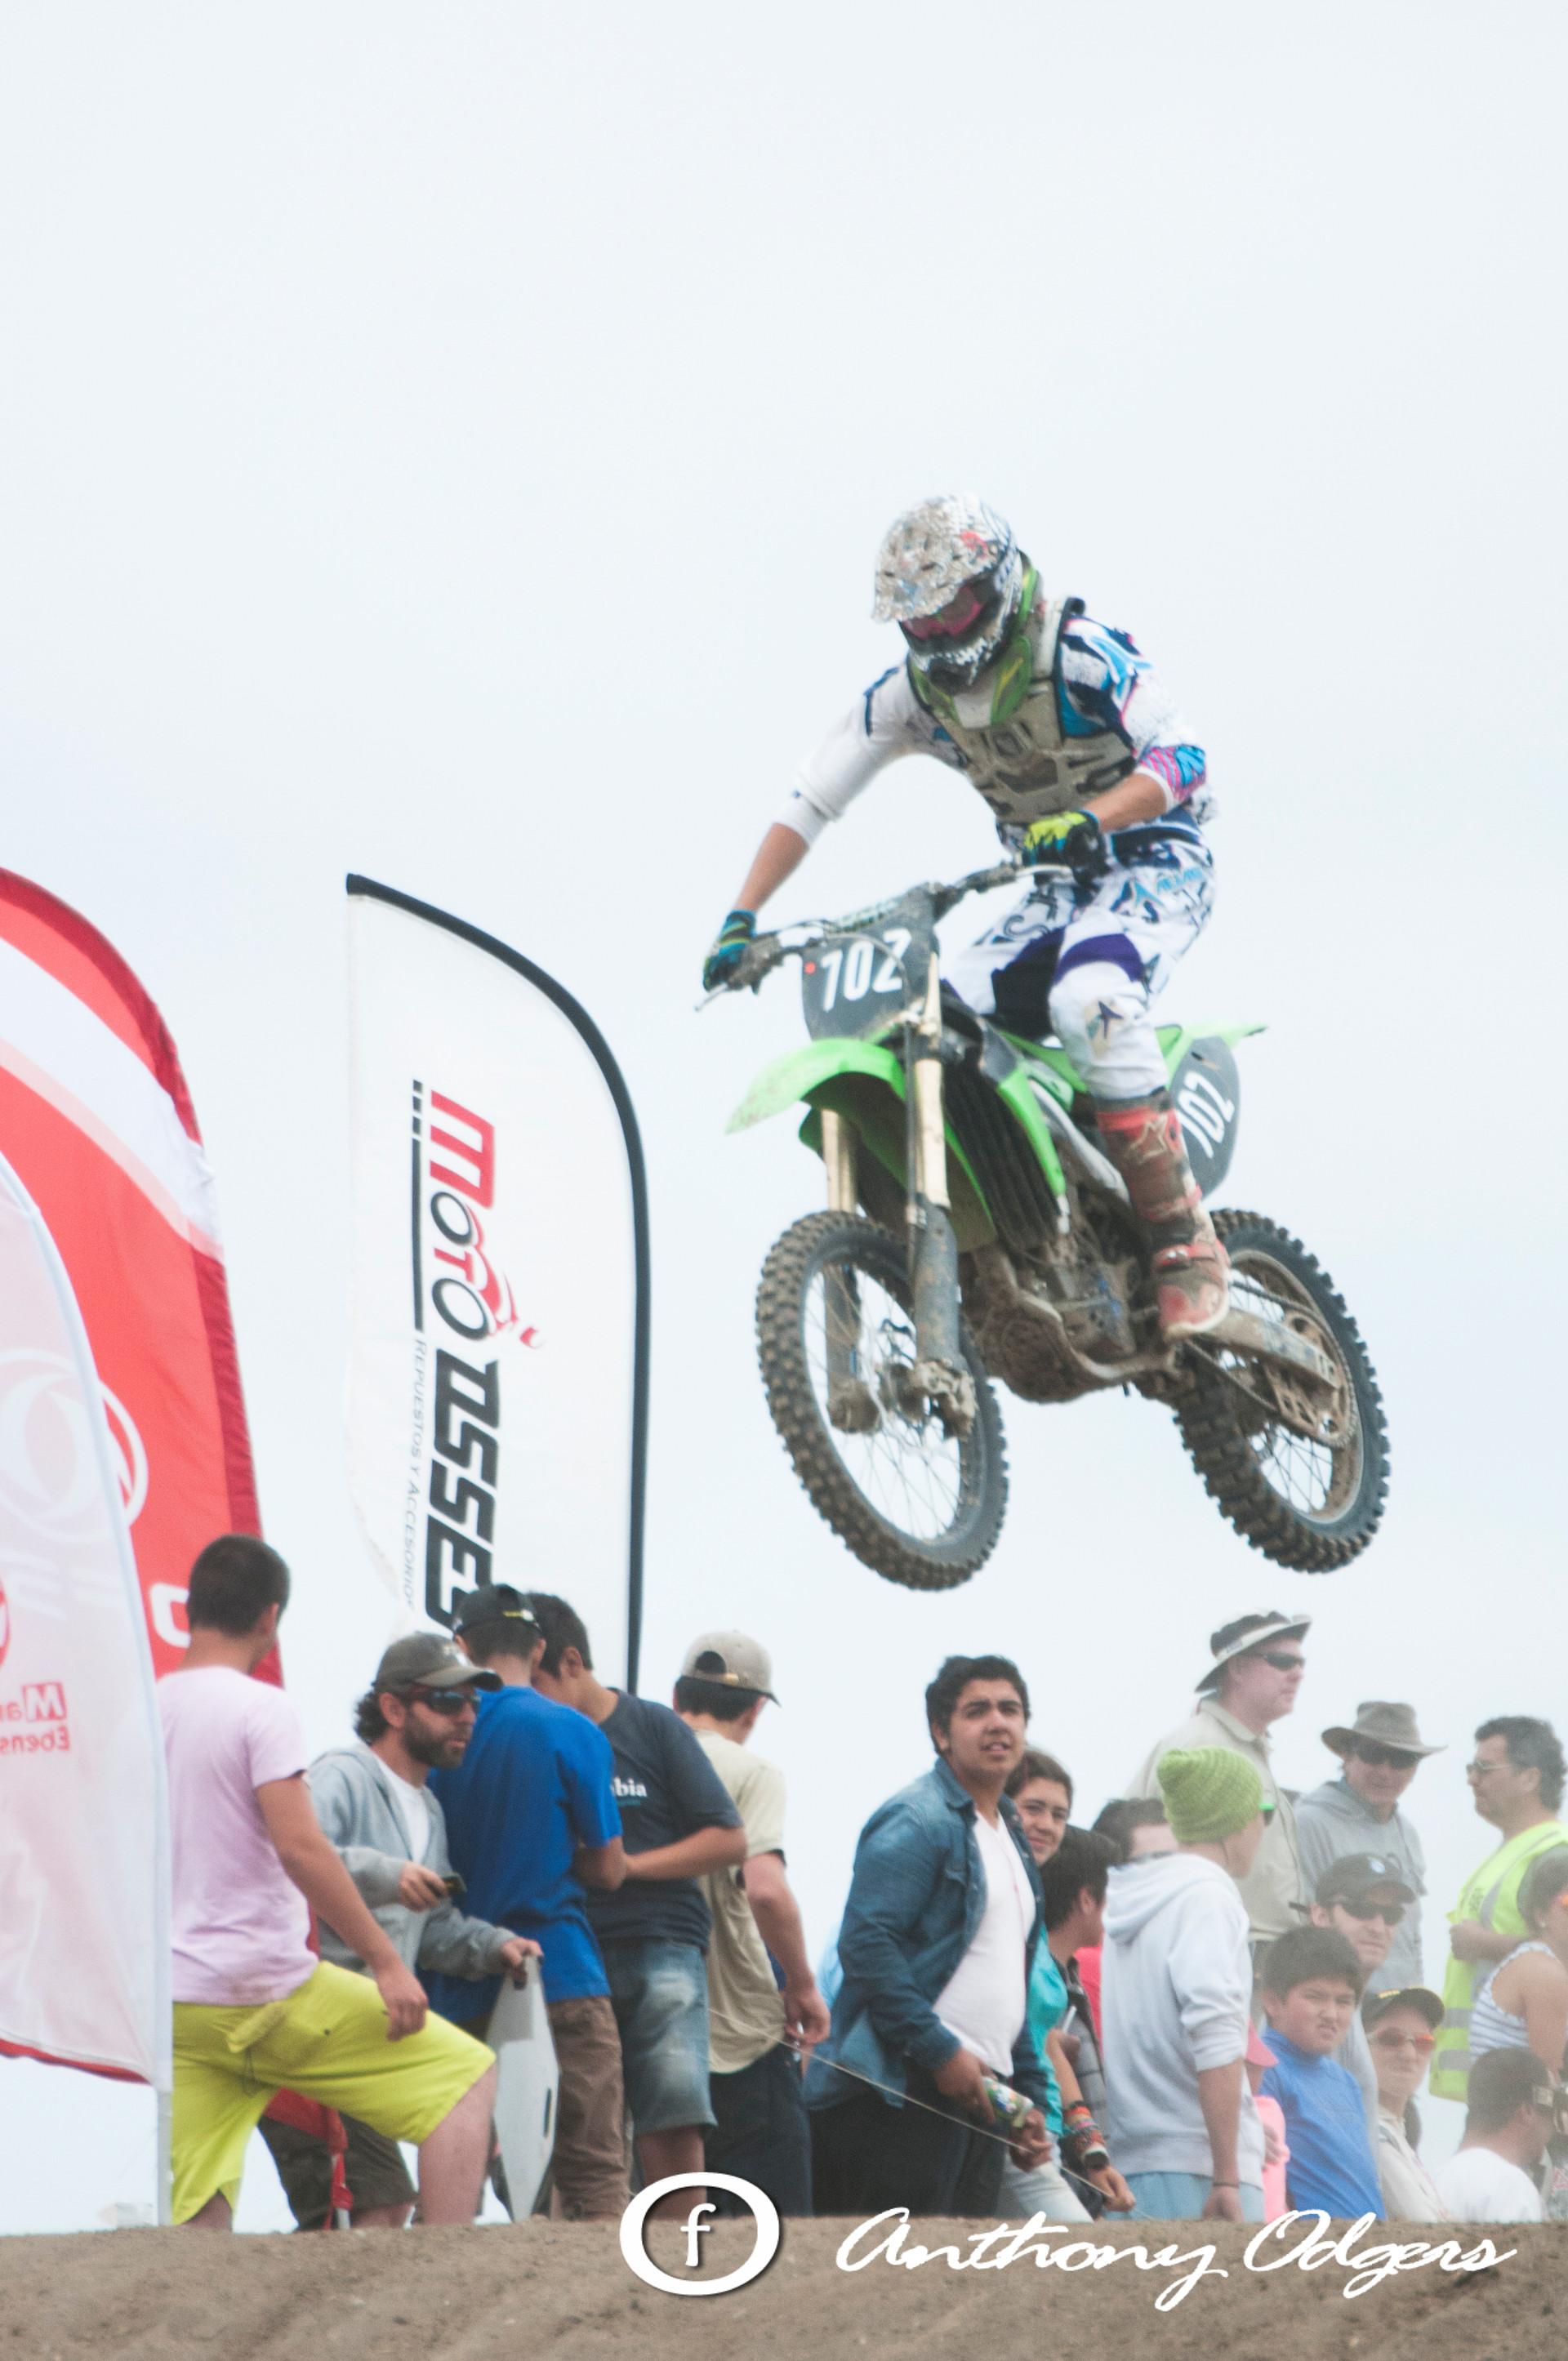 2013-01-06-Motocross Enduro-24.jpg